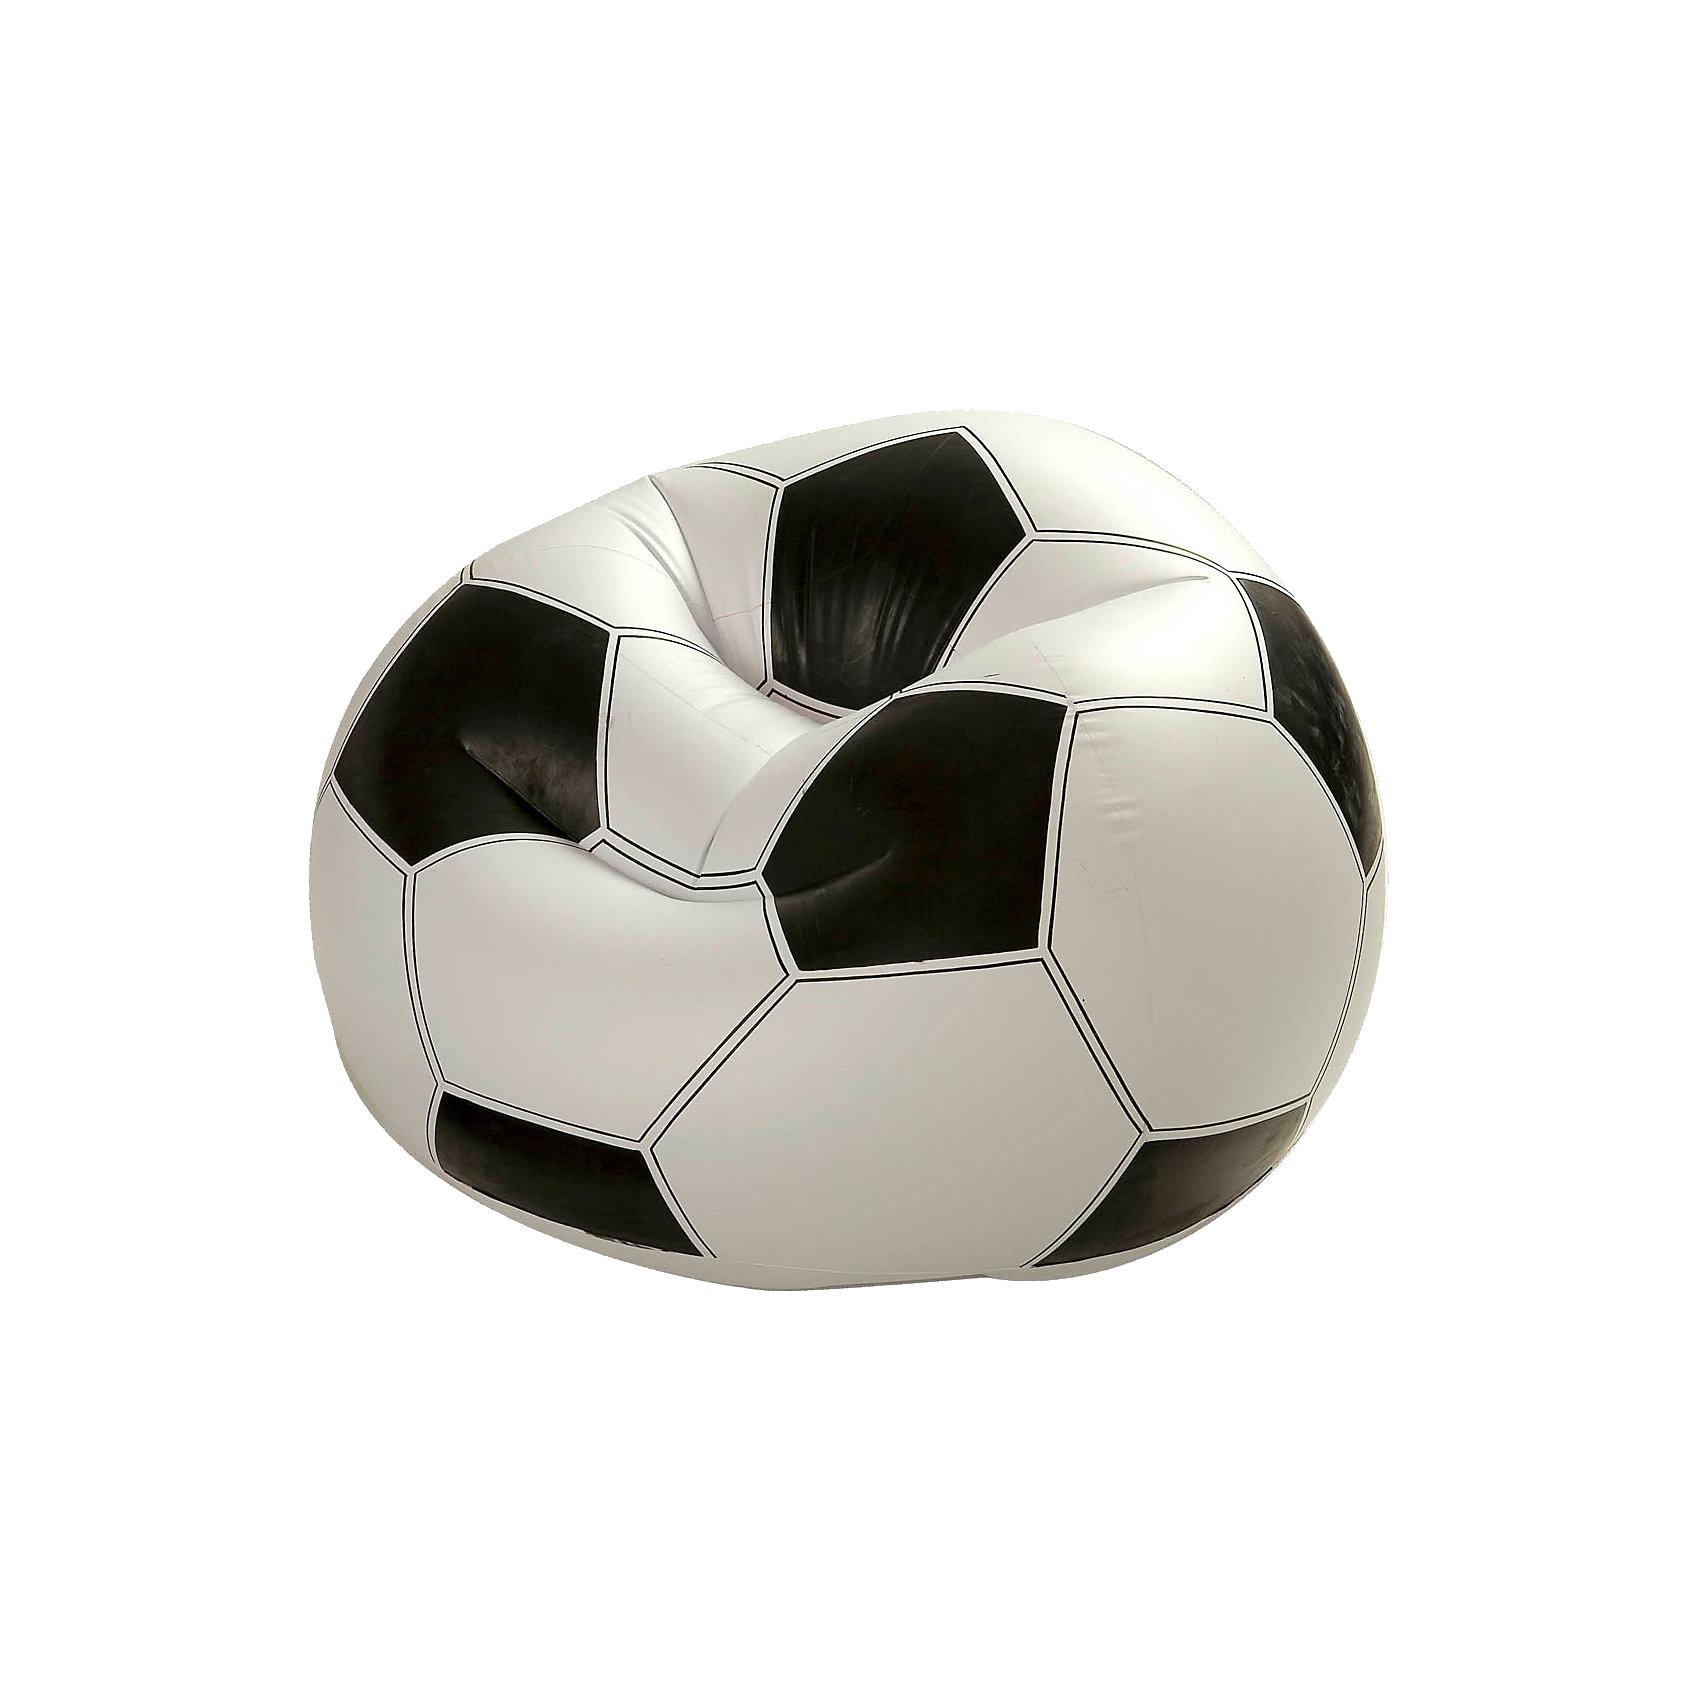 Надувное кресло Футбольный мяч, IntexМебель<br>Характеристики товара:<br><br>• размер: 108x110x66 см<br>• максимальная нагрузка: 100 кг<br>• поставляется в сдутом виде<br><br>Надувное кресло Футбольный мяч, Intex (Интекс) отличный подарок юному футбольному болельщику. <br><br>Кресло изготовлено из прочного водоотталкивающего материала, легко выдерживает вес взрослого человека. <br><br>Подкачивая или сдувая кресло можно регулировать его жесткость для оптимального комфорта, кресло принимает форму тела. <br><br>Благодаря малому весу, кресло легко перемещать в нужное вам место.<br><br>Надувное кресло Футбольный мяч, Intex (Интекс) можно купить в нашем интернет-магазине.<br><br>Ширина мм: 309<br>Глубина мм: 271<br>Высота мм: 105<br>Вес г: 2194<br>Возраст от месяцев: 72<br>Возраст до месяцев: 1164<br>Пол: Мужской<br>Возраст: Детский<br>SKU: 2113725